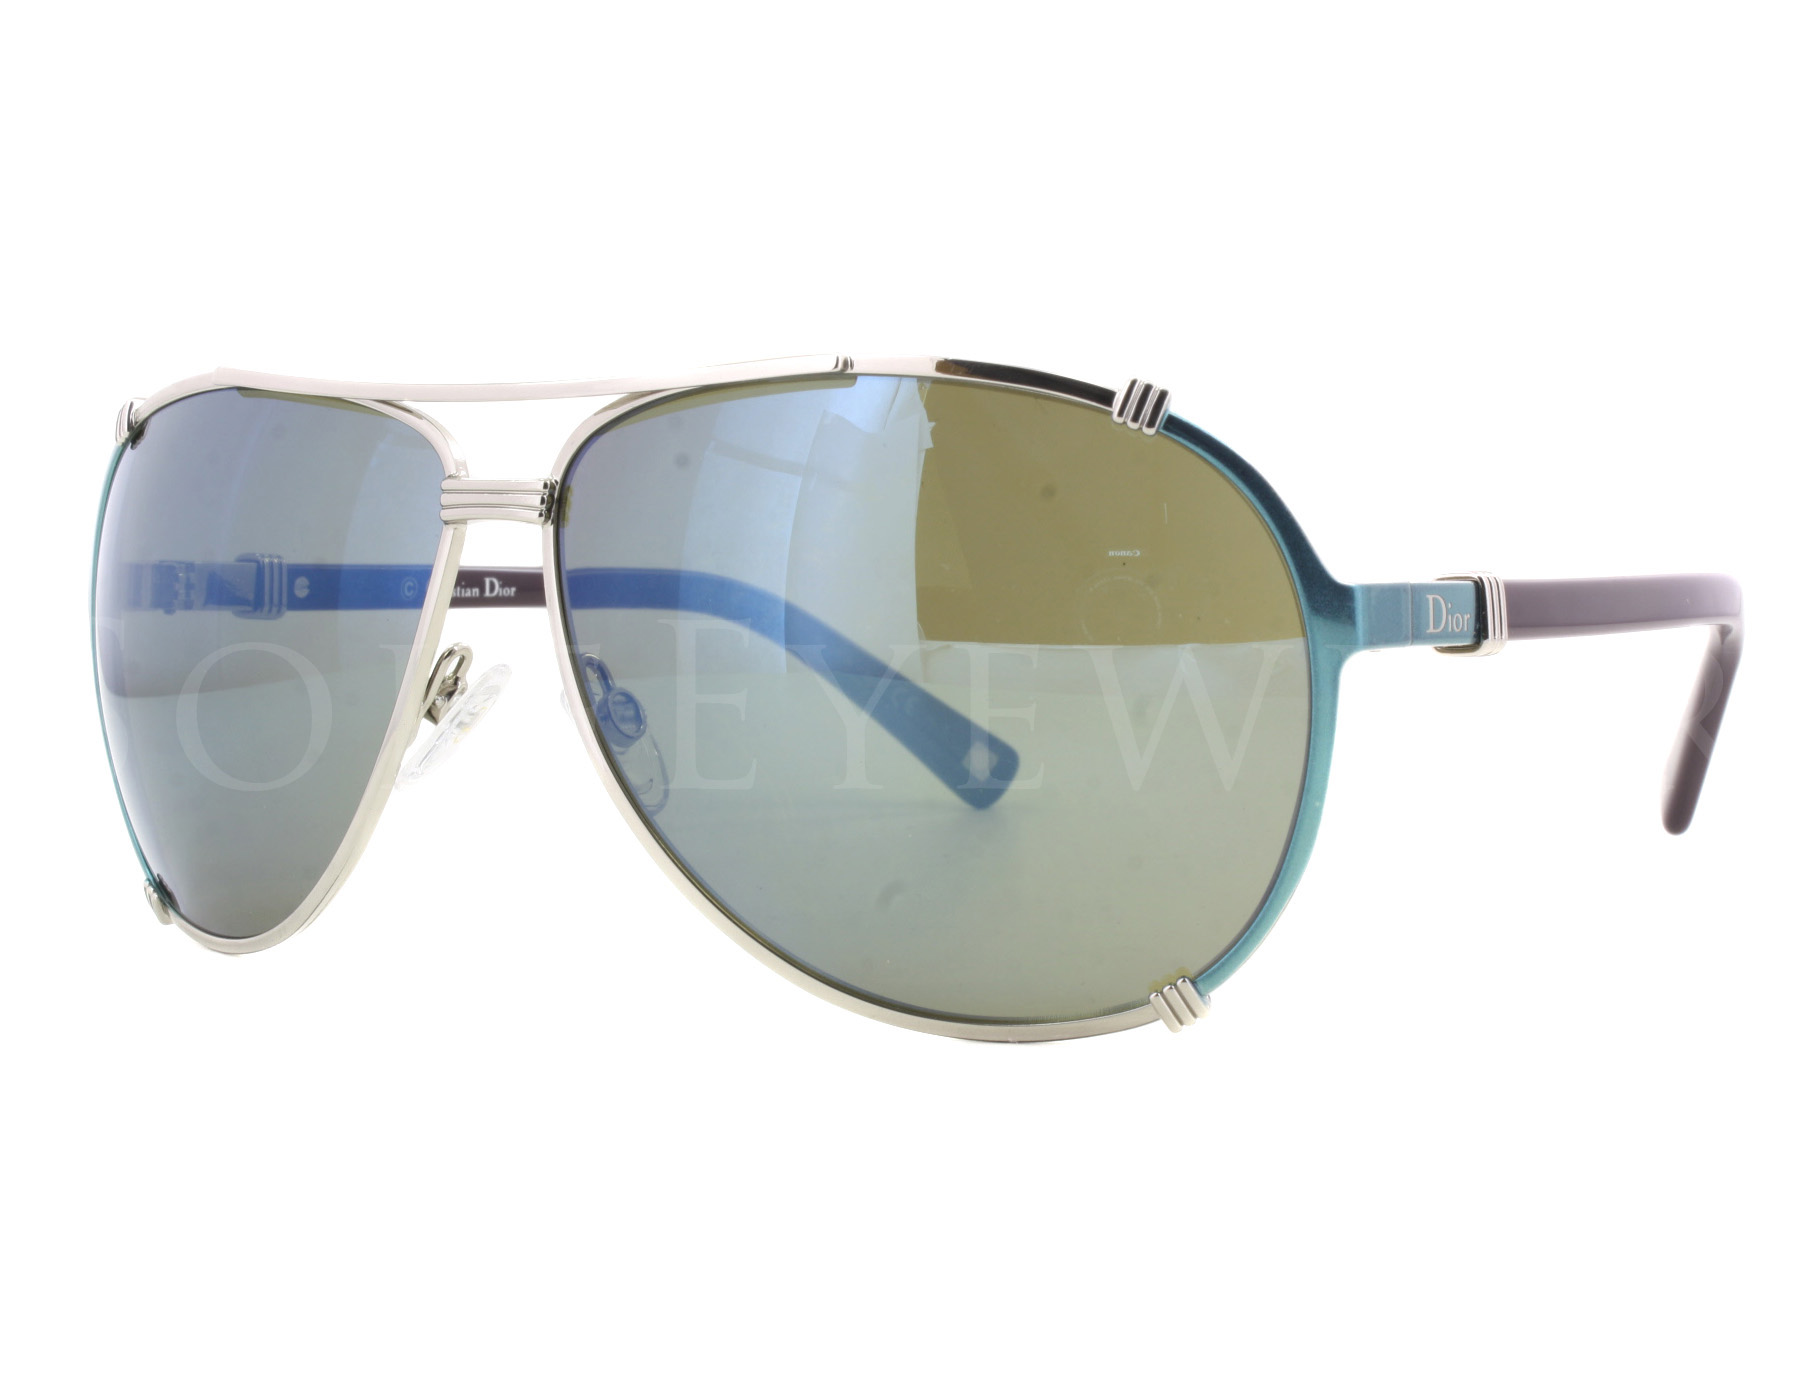 aaa8f6e254d1 Details about NEW Christian Dior Chicago 2 1QW3U 1QW 3U Turquoise Plum  Khaki Sunglasses